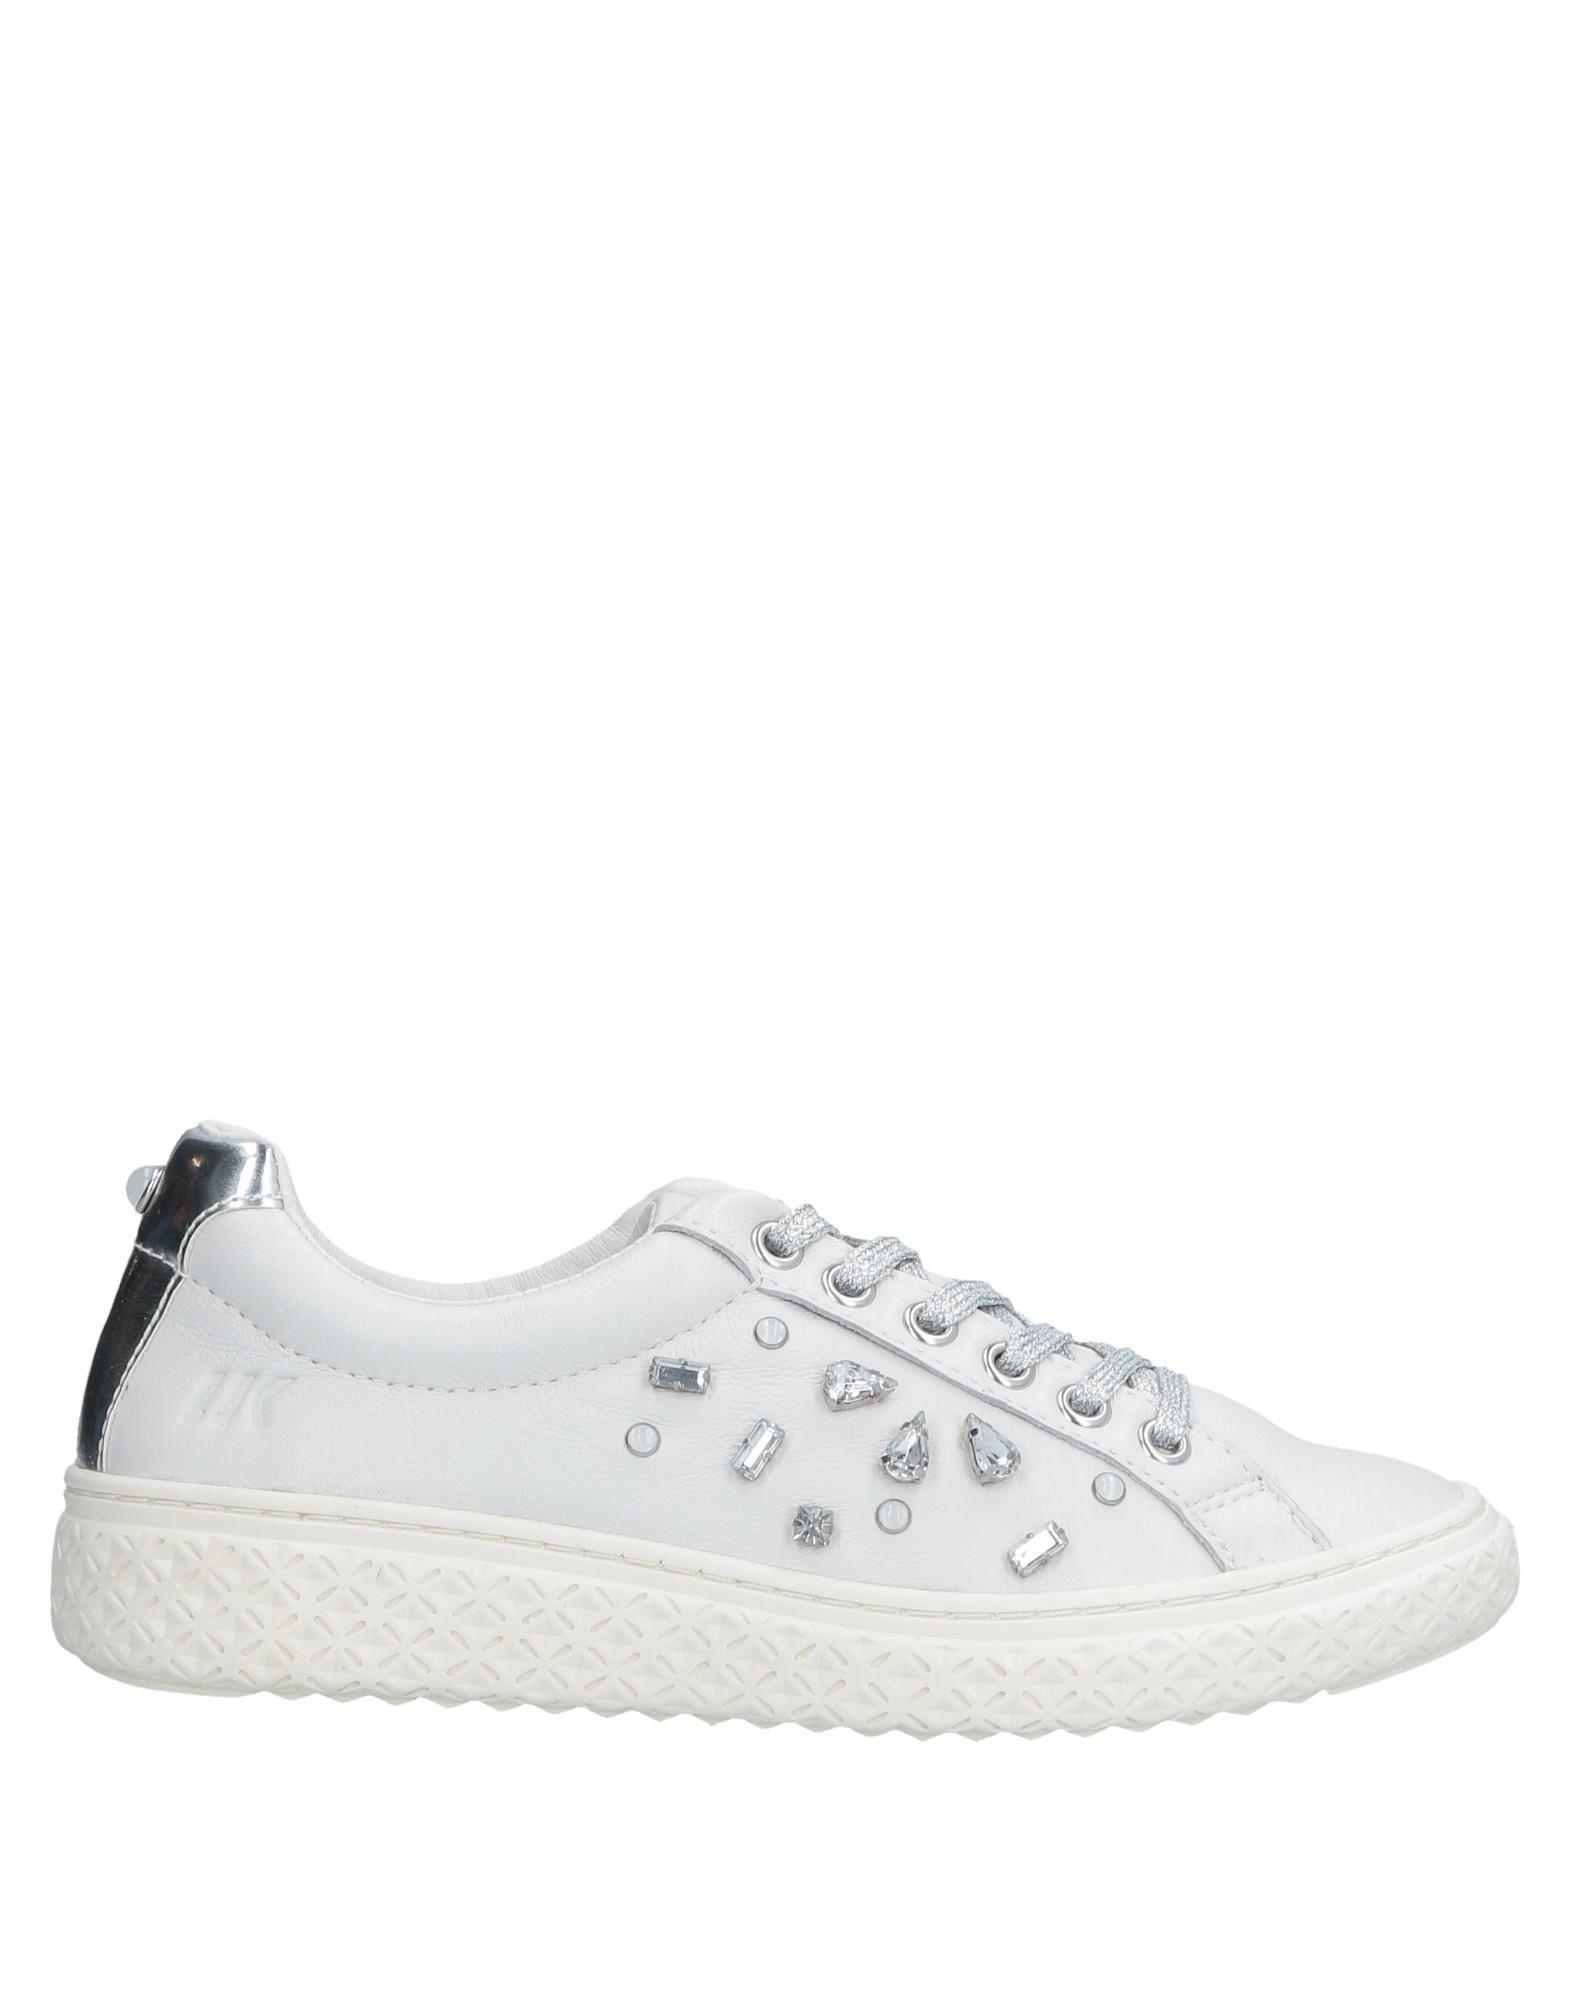 Lumberjack Sneakers - Women Lumberjack Sneakers - online on  Australia - Sneakers 11570303CF b3b538